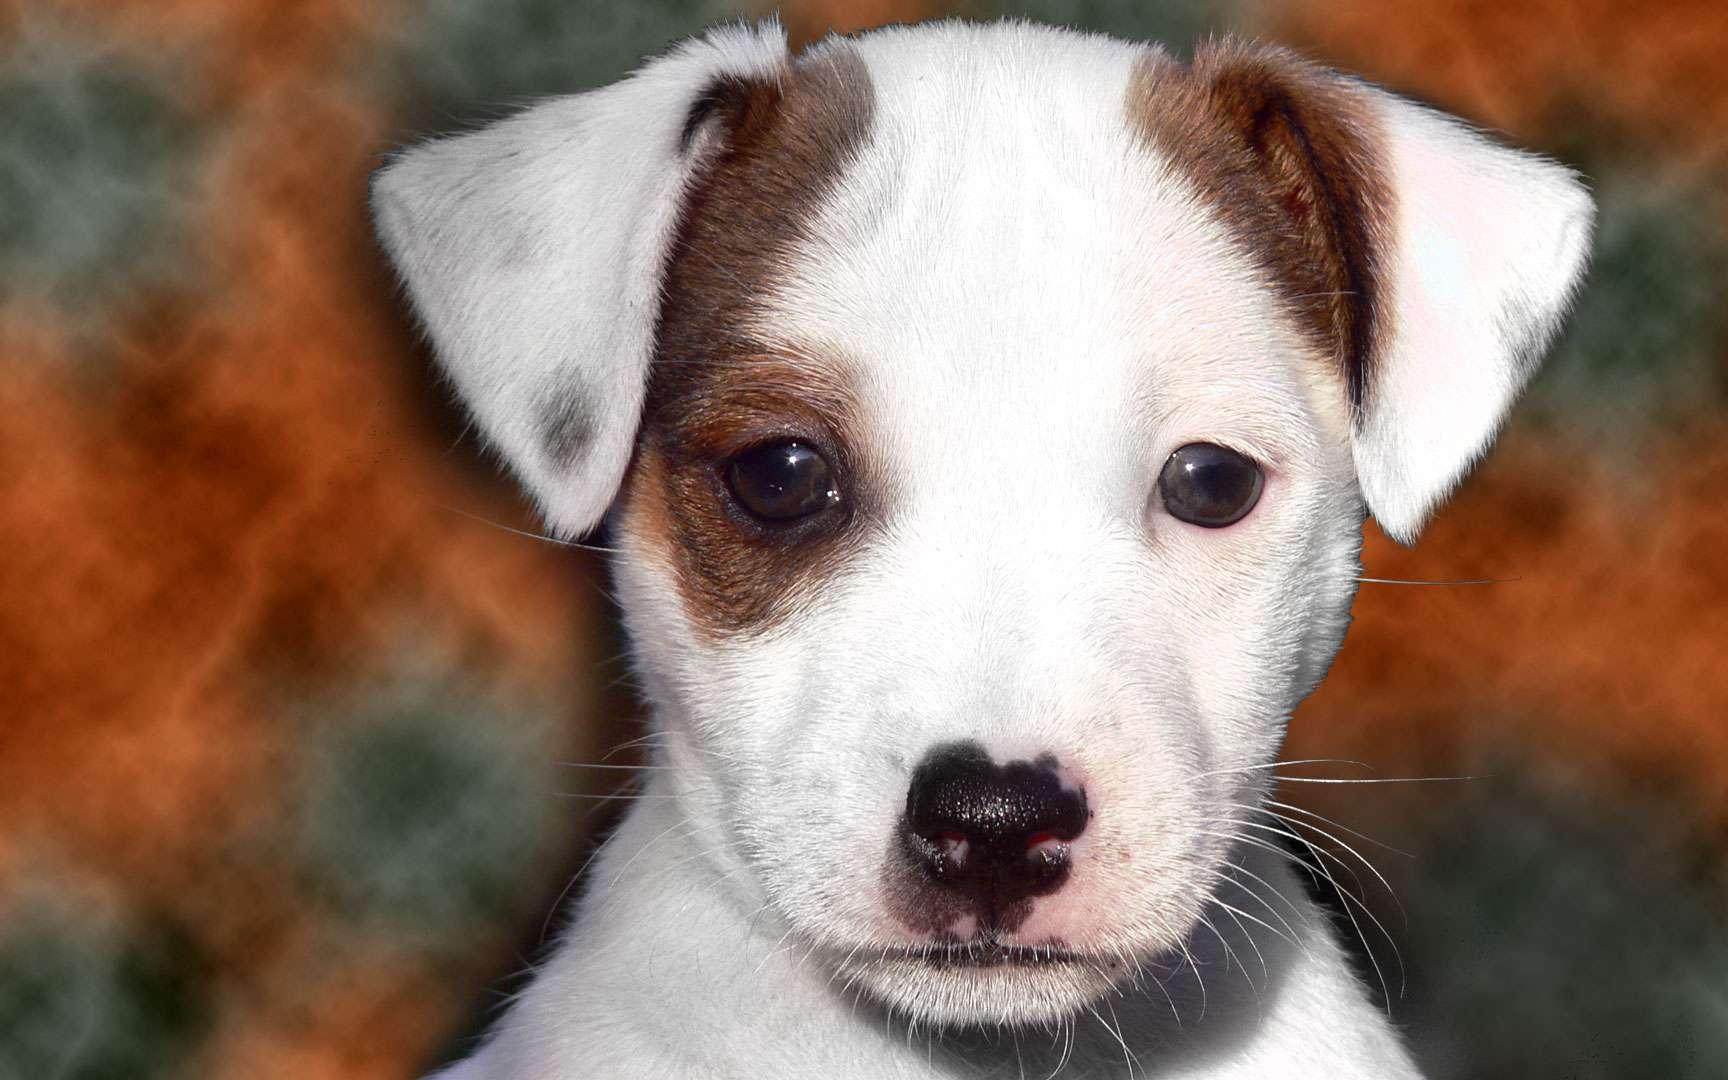 Le Jack Russell terrier, un chasseur de renards. Destiné à la chasse, le Jack Russell terrier, ou Jack Russell, possède un tempérament vif et une grande rapidité. Son nom lui vient du pasteur John Russell, surnommé Jack, qui élevait des chiens destinés à la chasse au renard. C'est aussi un bon animal de compagnie, en particulier pour les cavaliers qui apprécient son caractère enjoué. Poids : 8 à 12 kgTaille : 25 à 40 cm au garrot © Steve-65, Wikimedia Commons, cc by sa 3.0